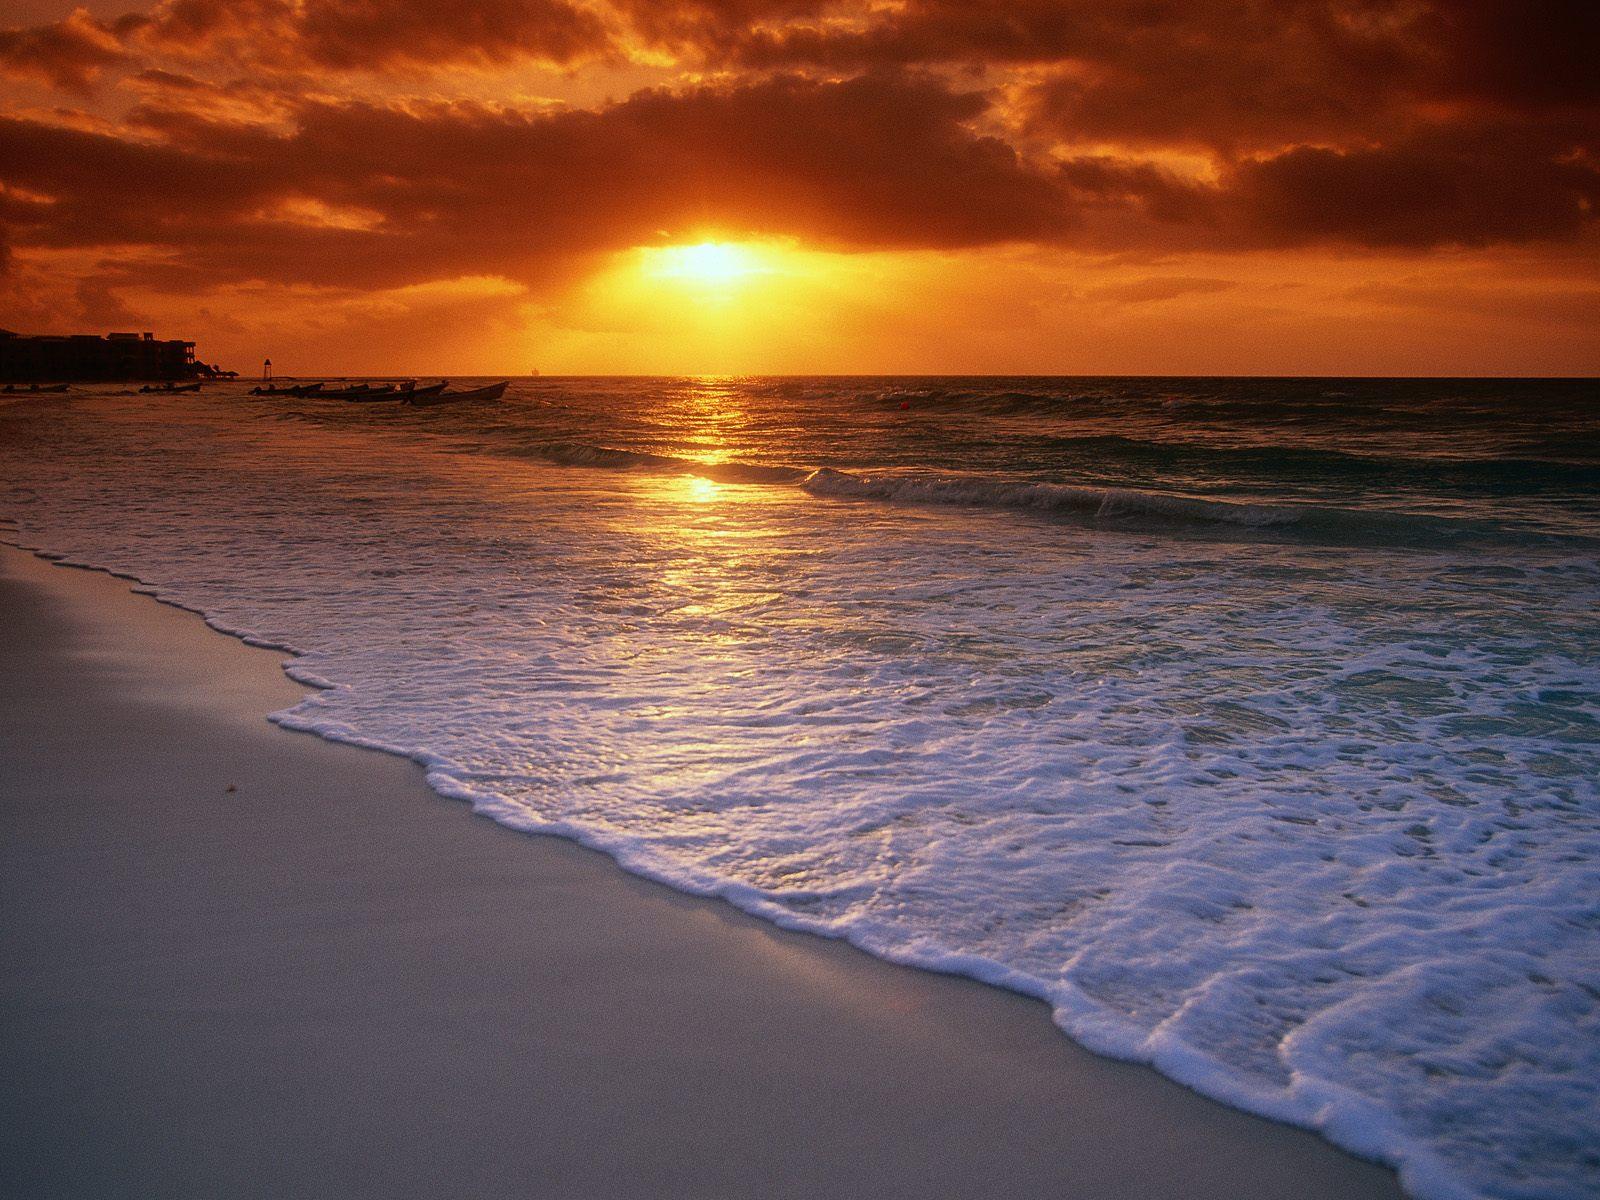 Best Sunset Beach Desktop Wallpaper Best Sunset Beach Desktop 1600x1200